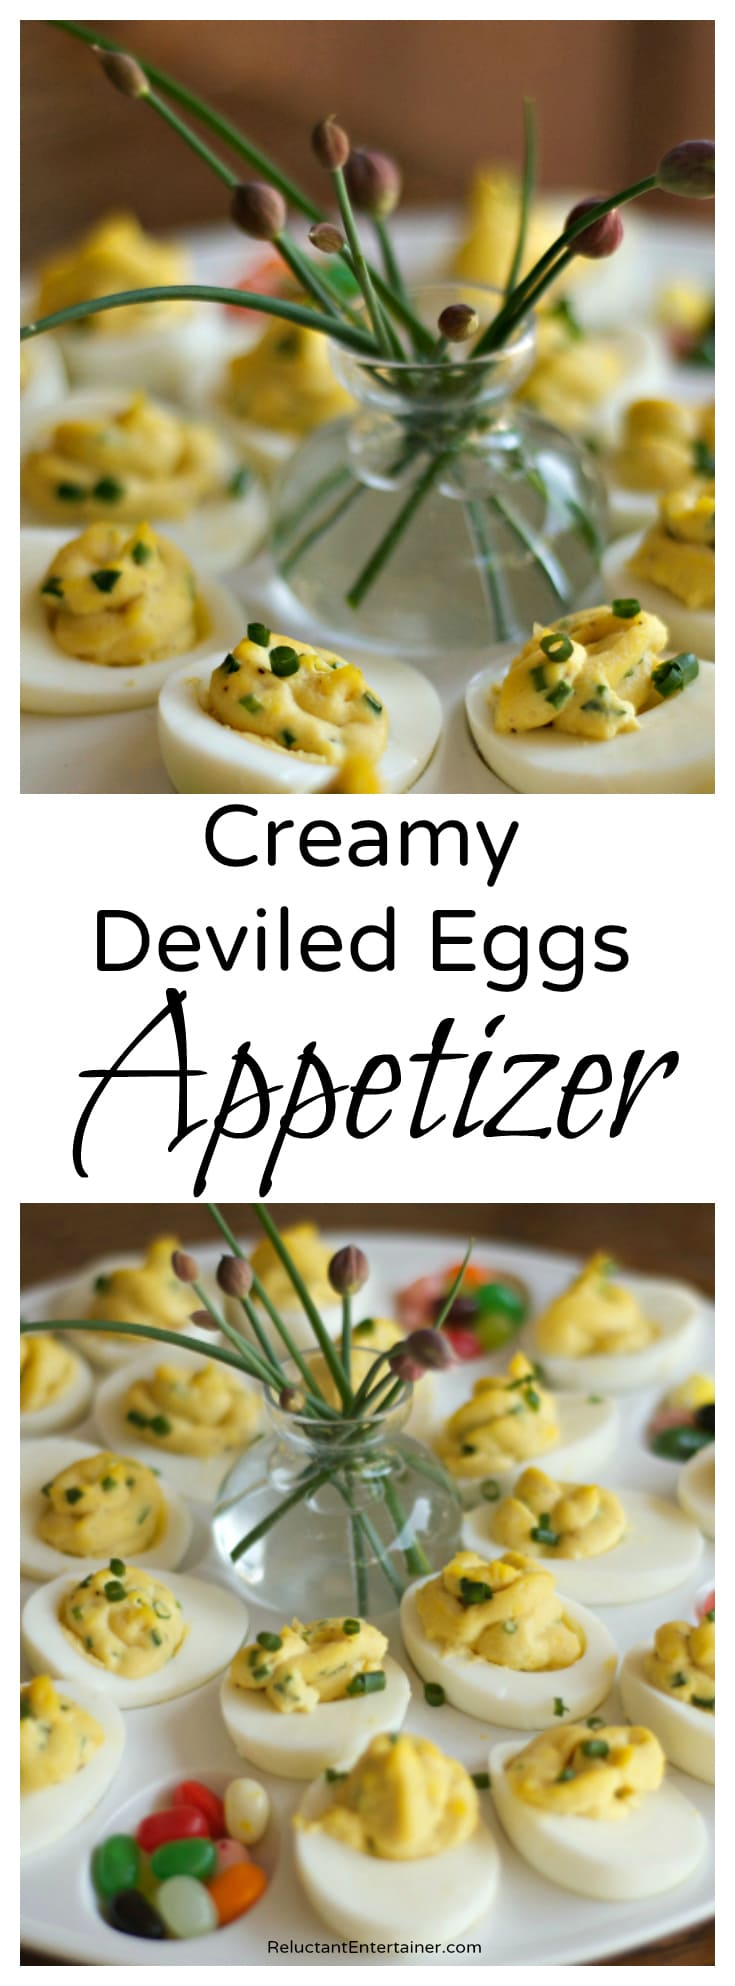 Creamy Deviled Eggs Appetizer Recipe